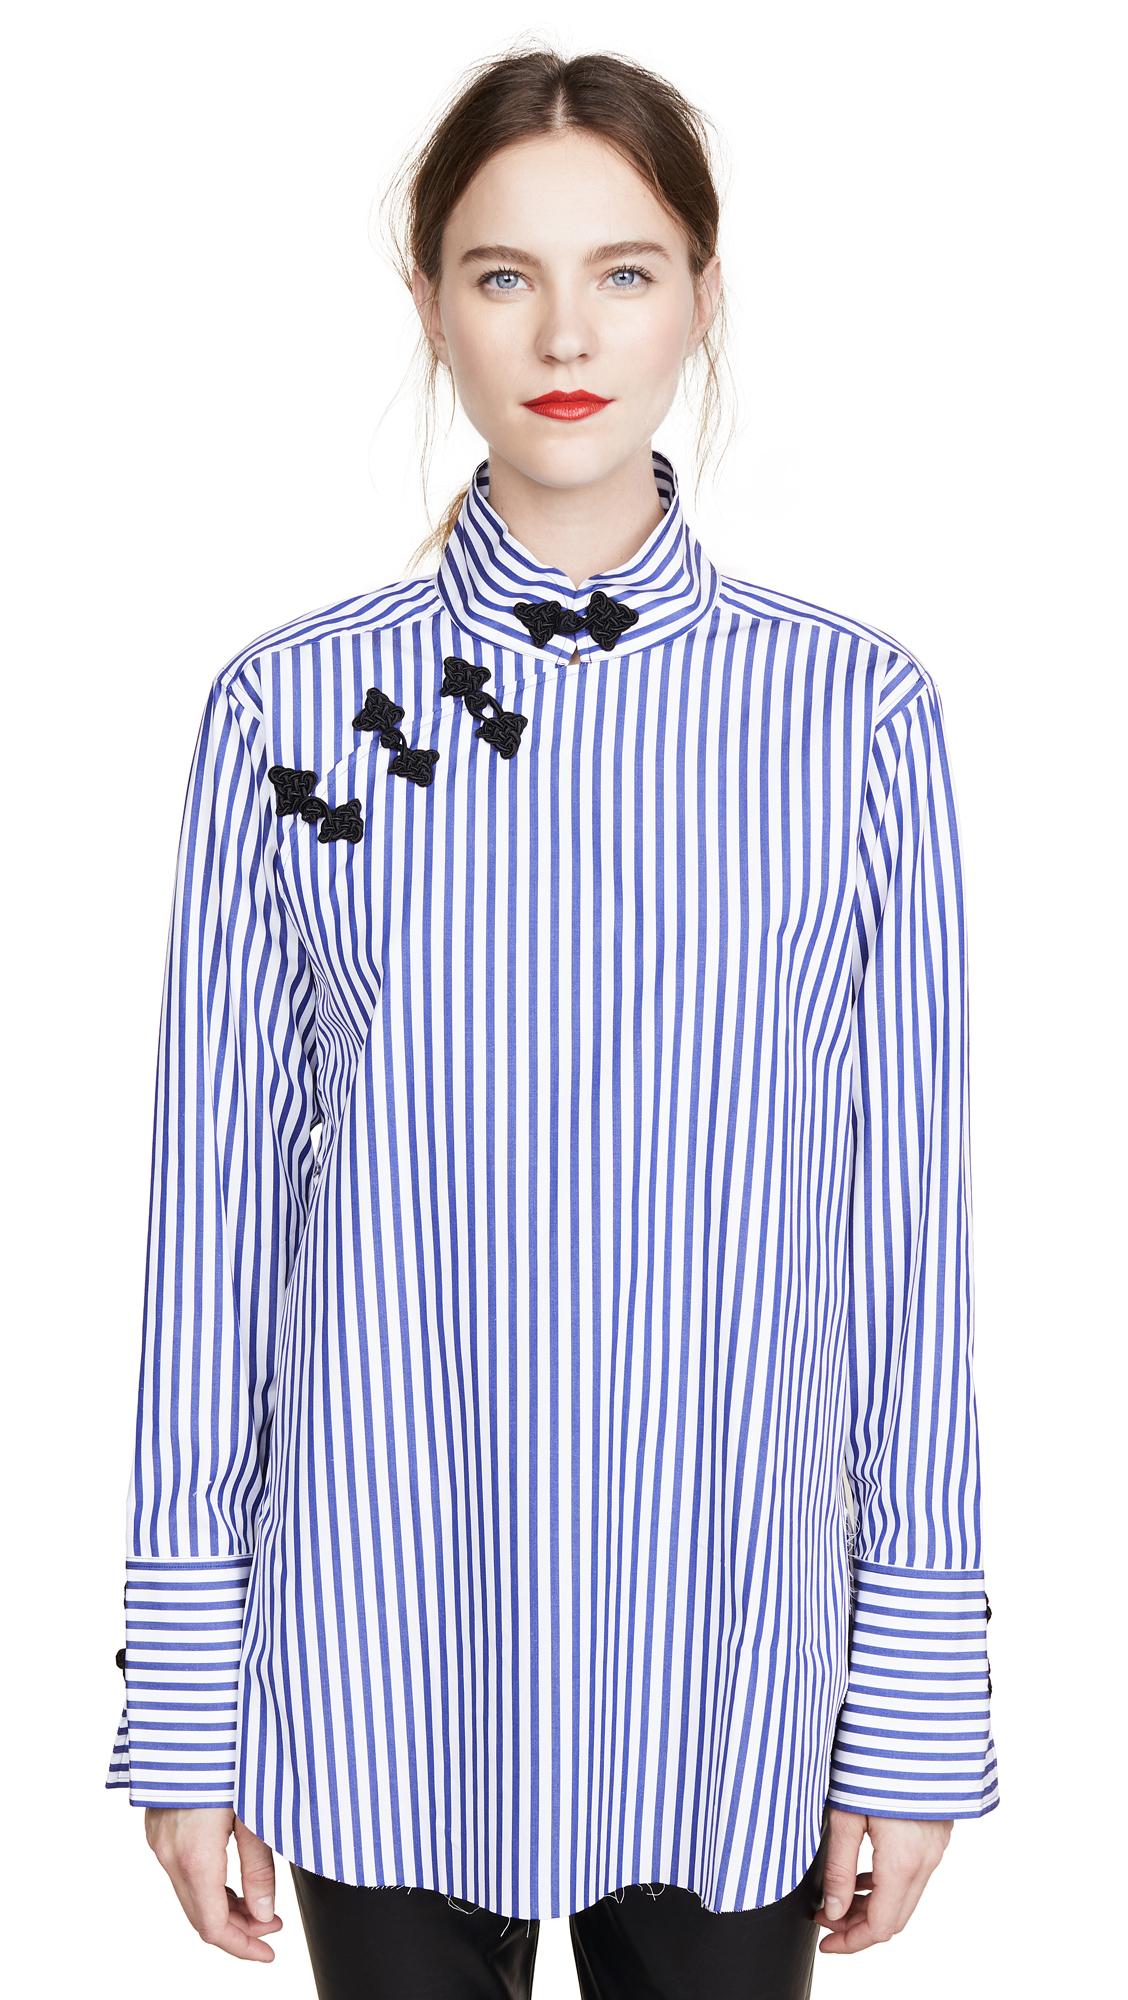 Marques Almeida Mandarin Wrap Shirt In Blue/White